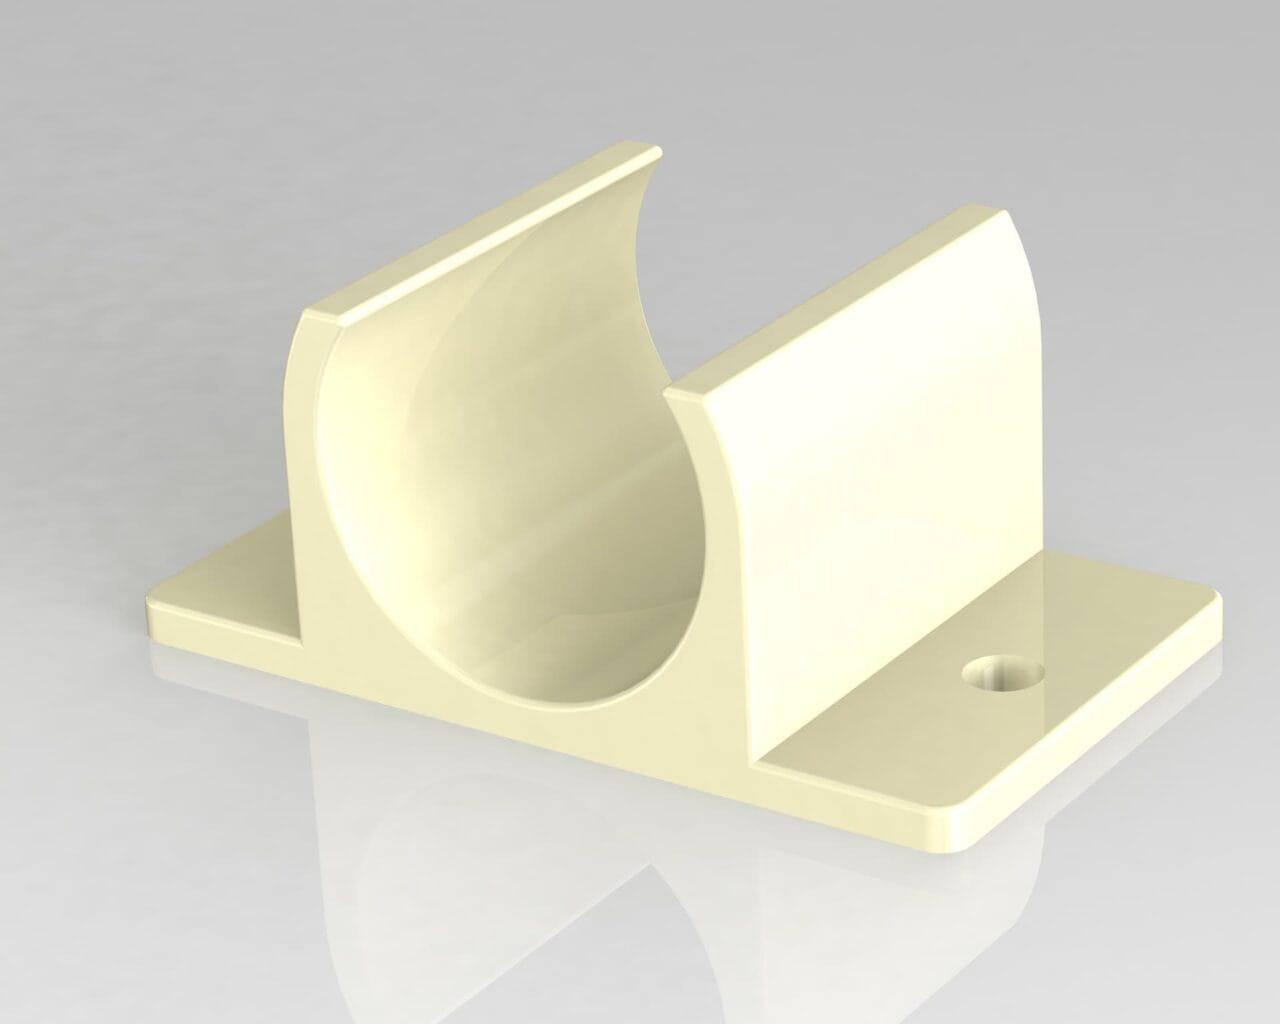 PEK3 Easytube Plastic Accessories GAP-49